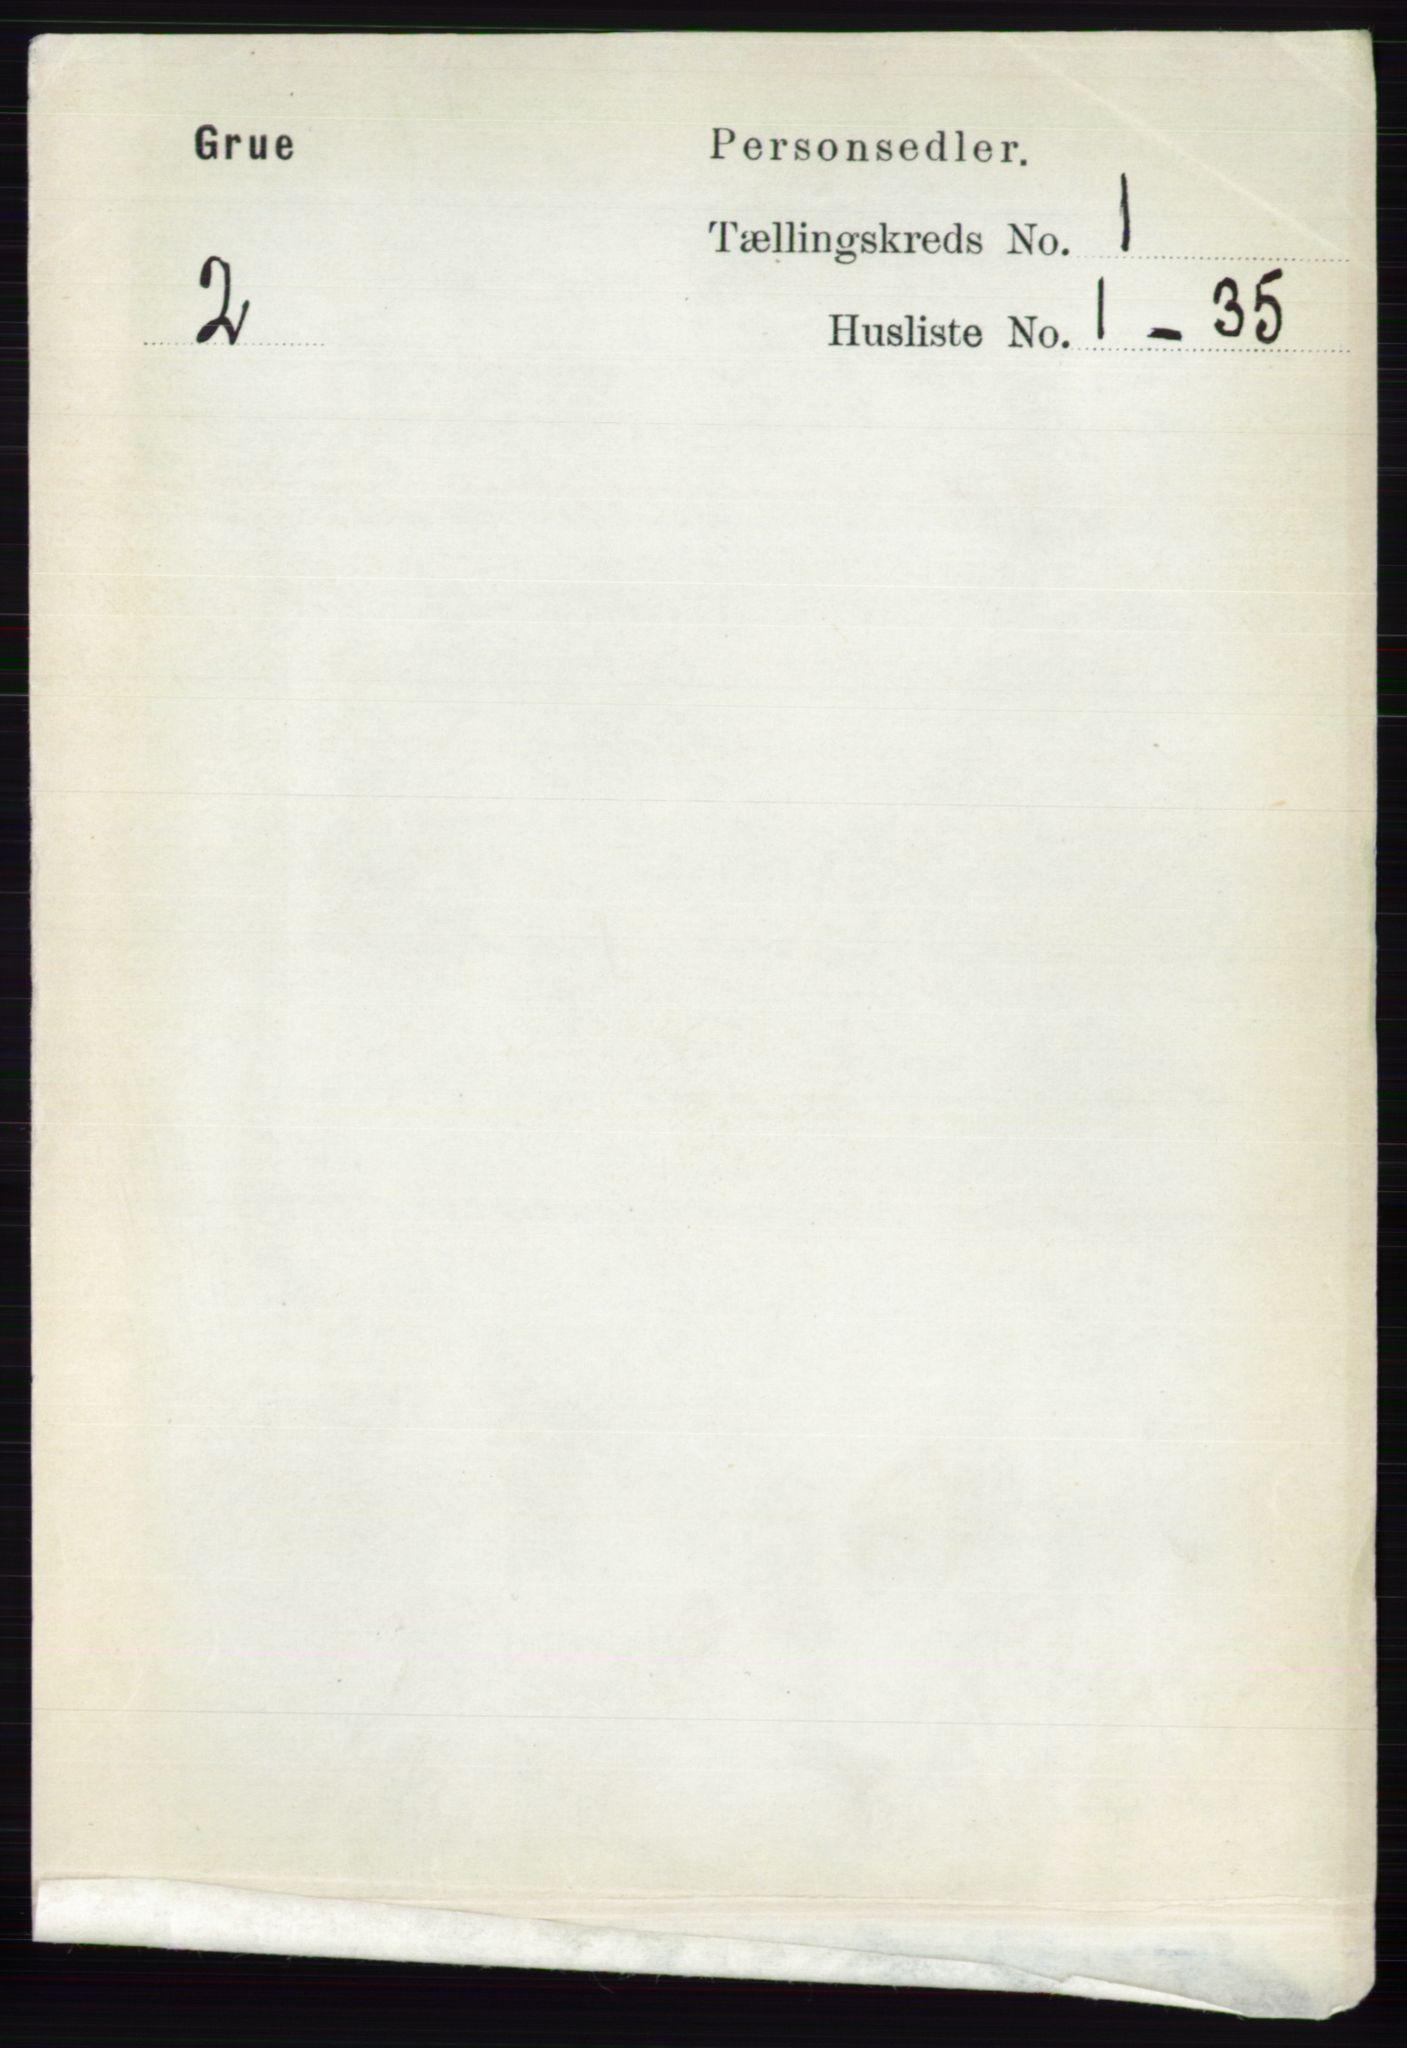 RA, Folketelling 1891 for 0423 Grue herred, 1891, s. 191